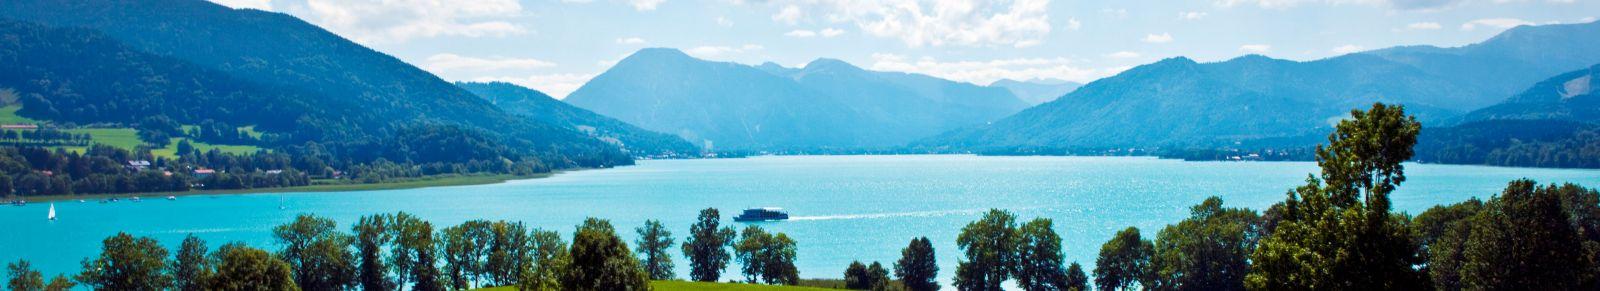 Ihr Steuerberater in Gmund am Tegernsee: Steuerberater in Gmund am Tegernsee